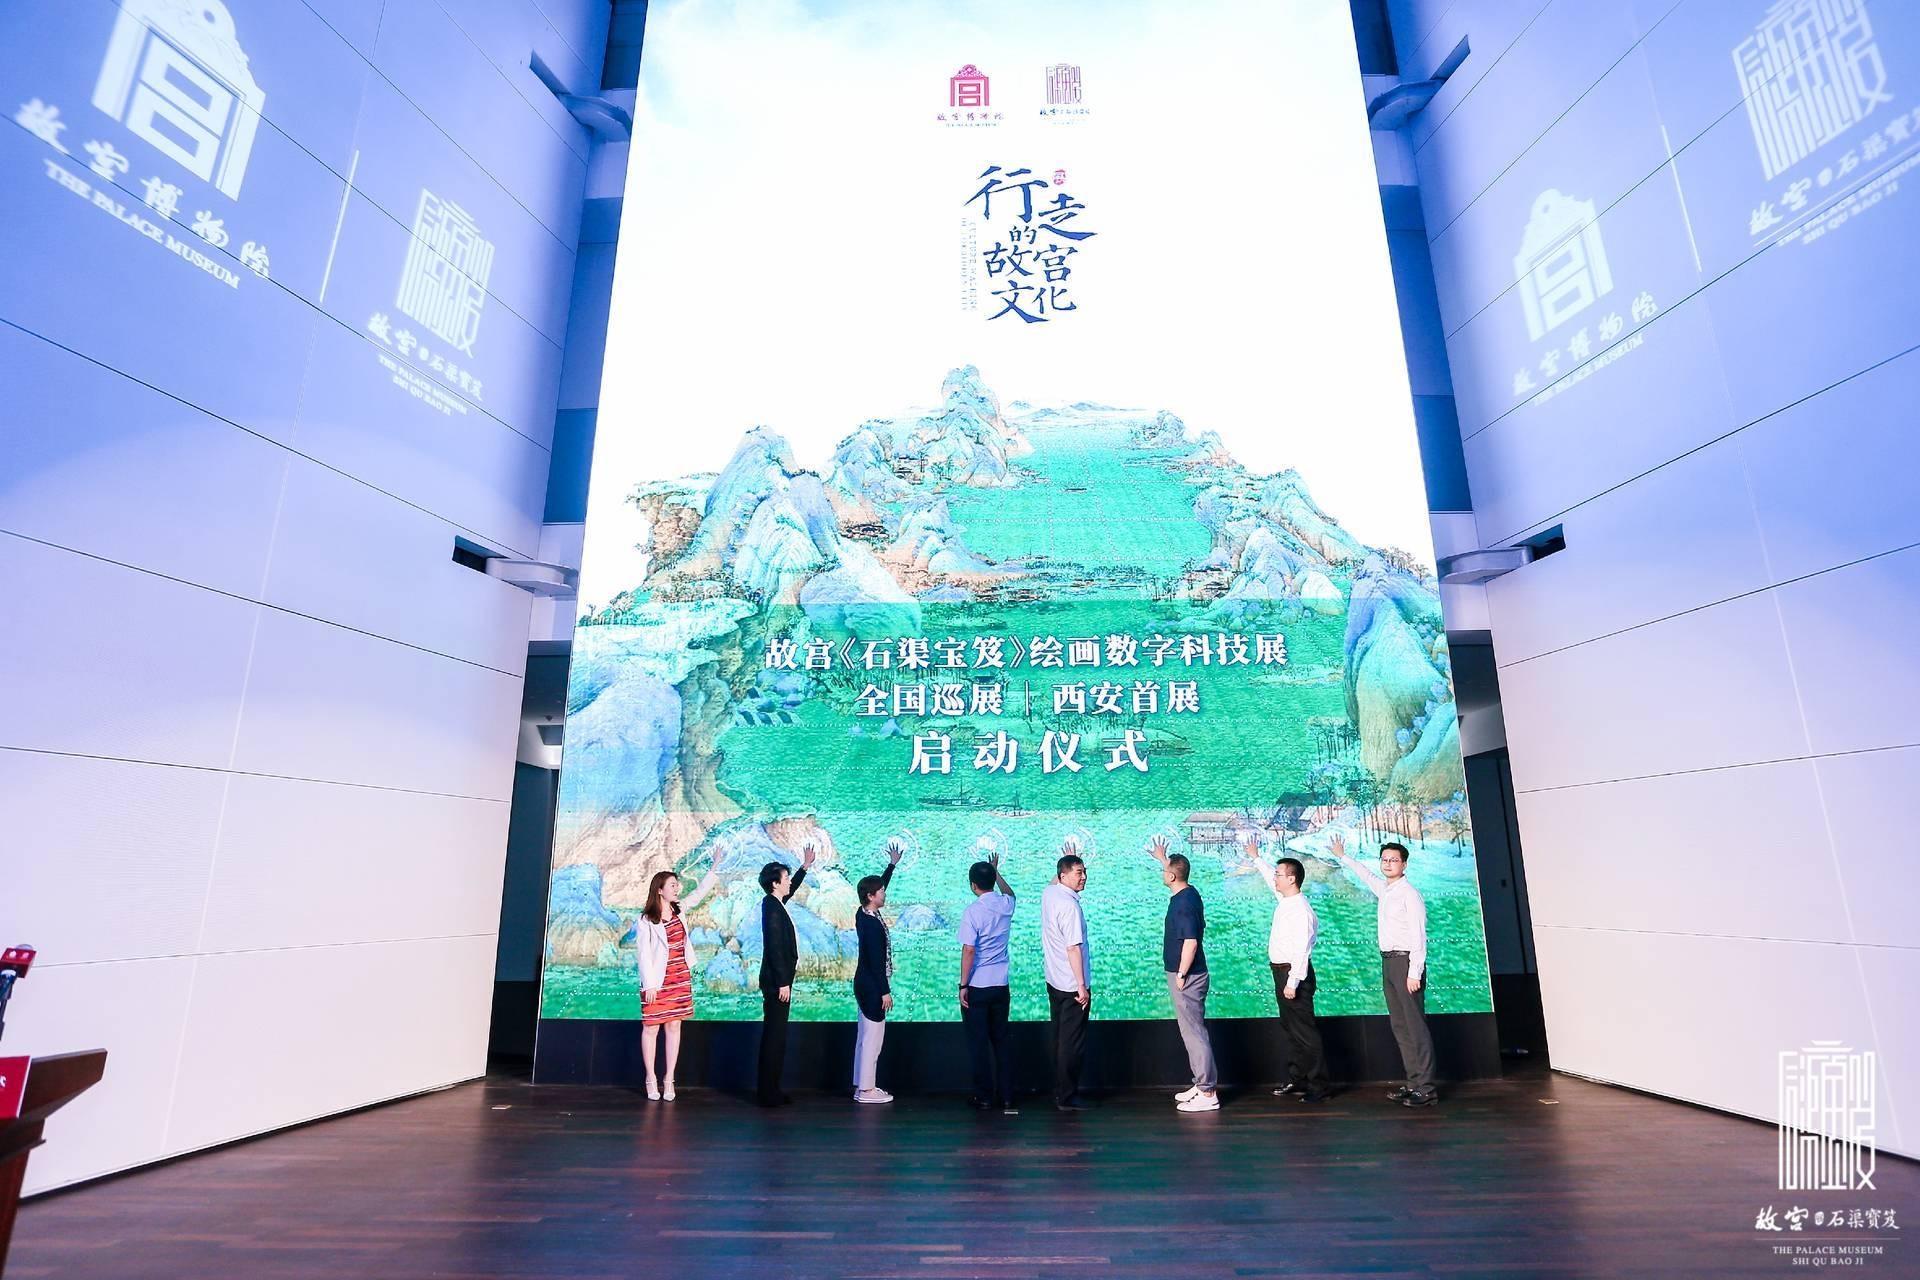 走进六百年紫禁城-故宫石渠宝笈绘画数字科技展西安首展即将盛大启幕